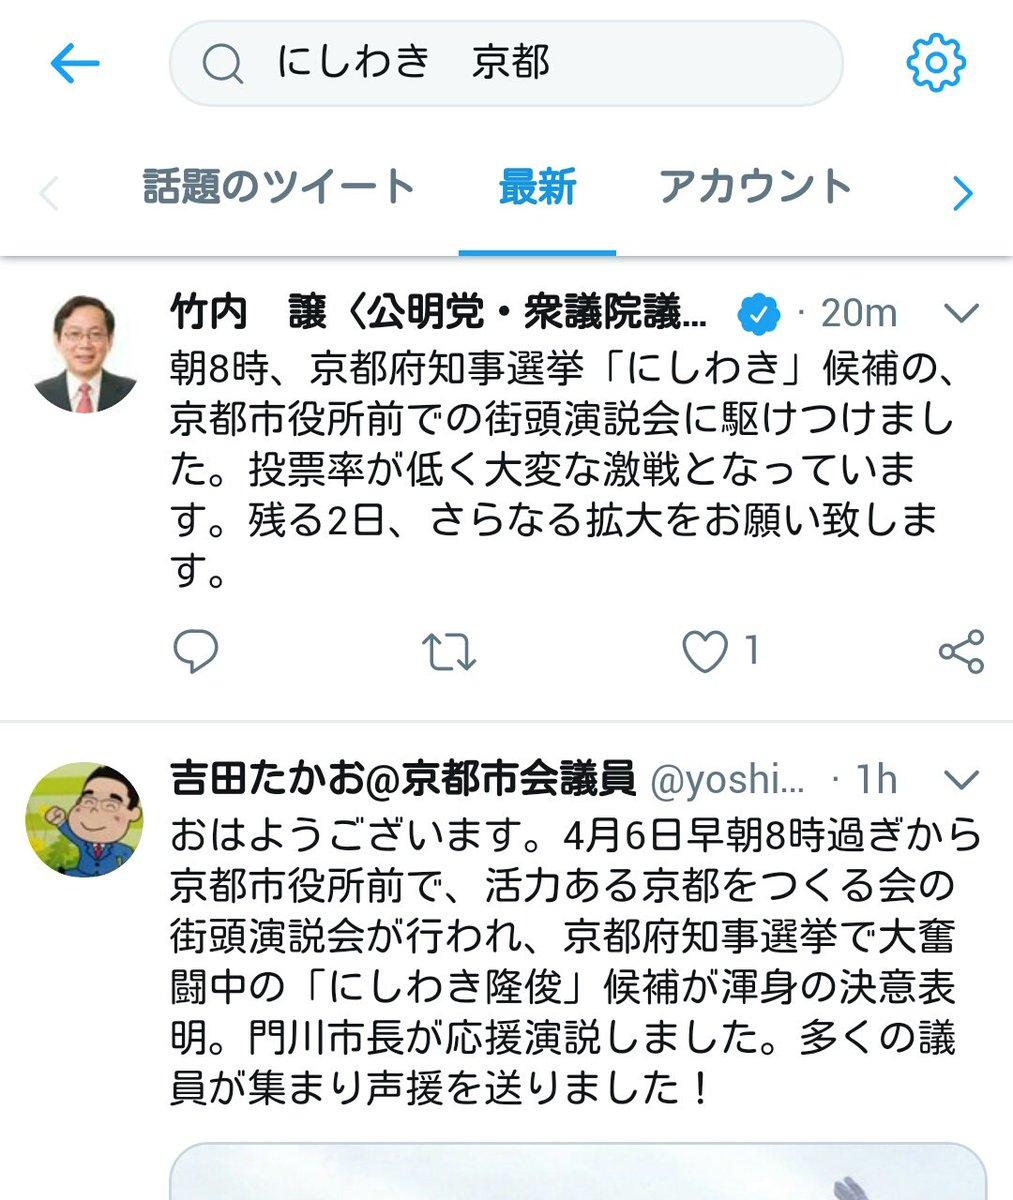 【アッキード/森友】菅官房長官が佐川・太田氏から説明受けていた 昨年2月の首相進退答弁の直後に◆2★1478 YouTube動画>9本 ->画像>103枚